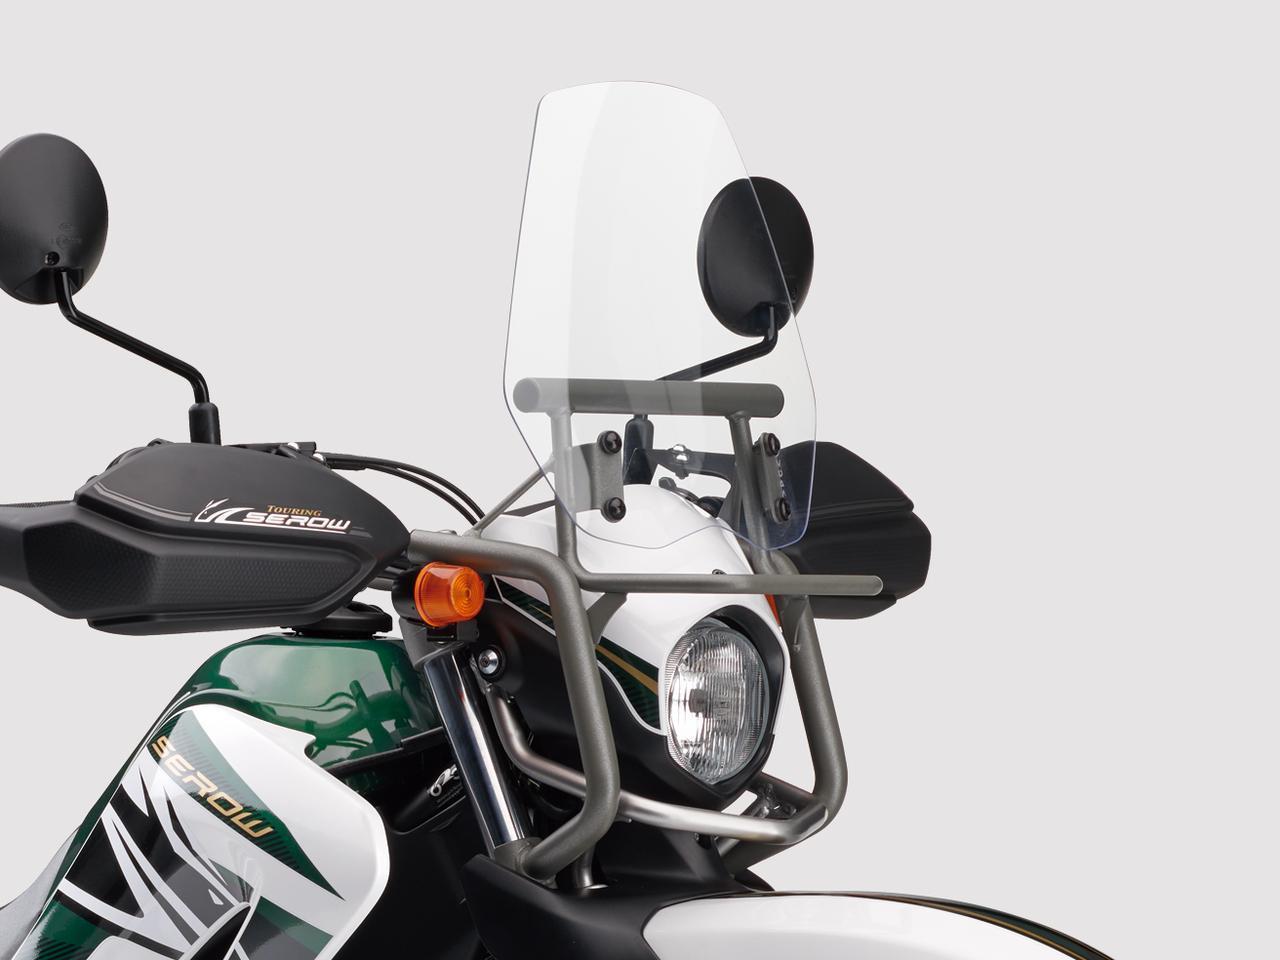 画像: アドベンチャースクリーン 2万3436円 サイズ300×300mmのウインドプロテクションに優れるスクリーン、フロントガード、スクリーン内側のギア装着用マルチパーパスバー(φ22.2mm)の3つの機能はひとつに。